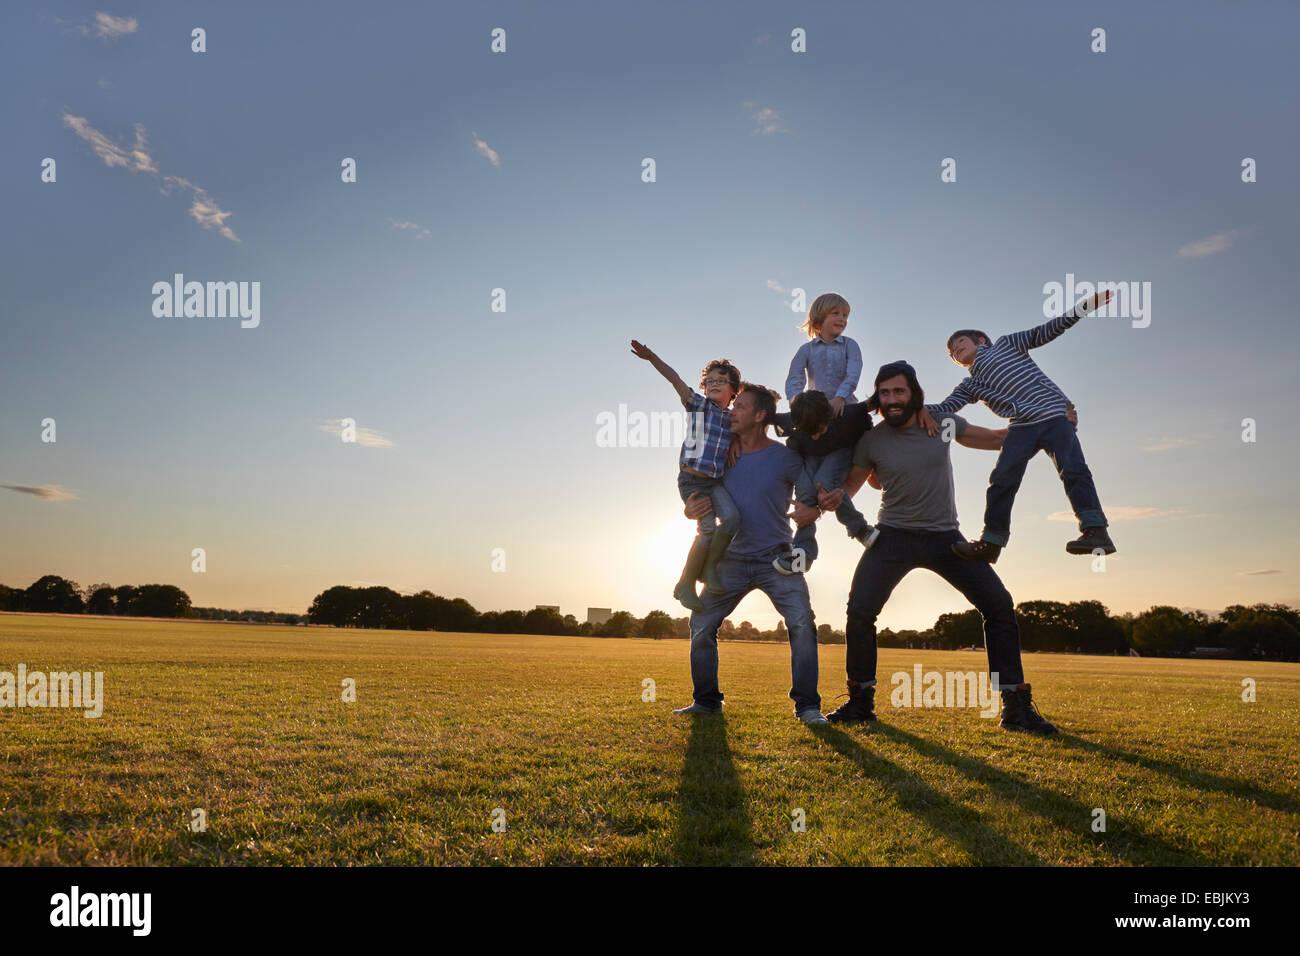 Familia disfrutando de actividades al aire libre en el parque Imagen De Stock